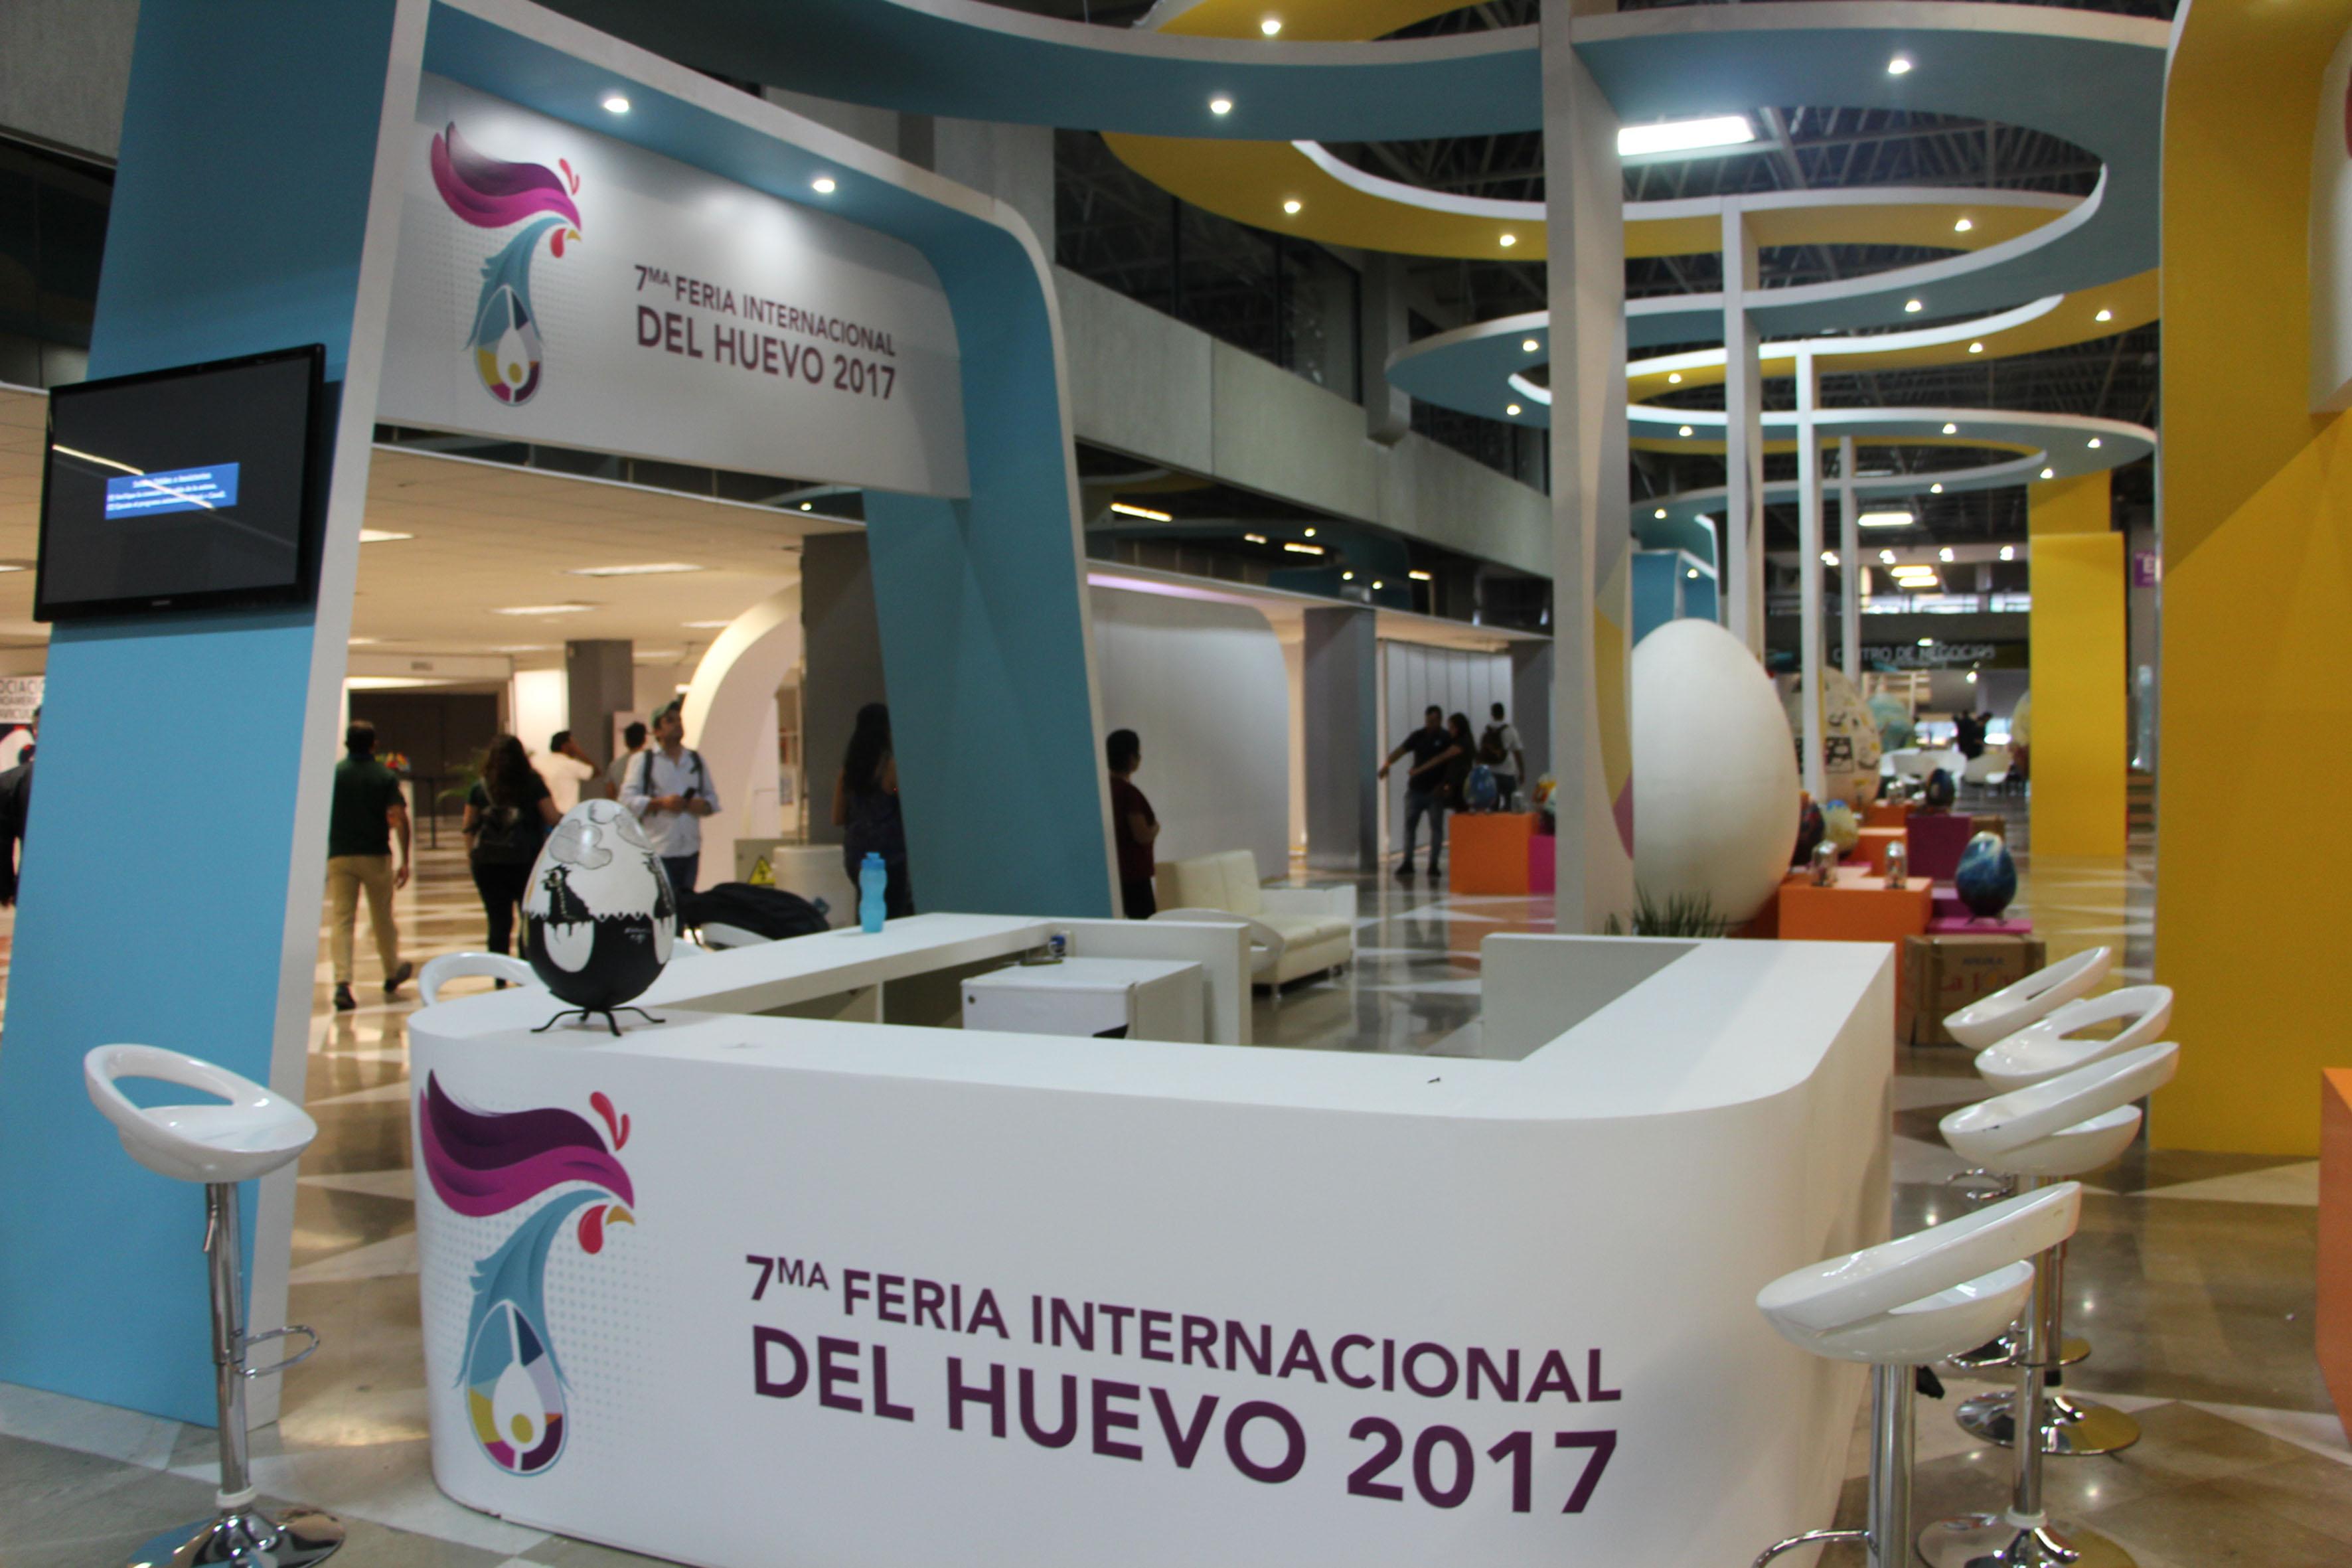 Entrada y módulo principal a la exposición de la 7ma. Feria Internacional del Huevo 2017; en la expo Guadalajara.